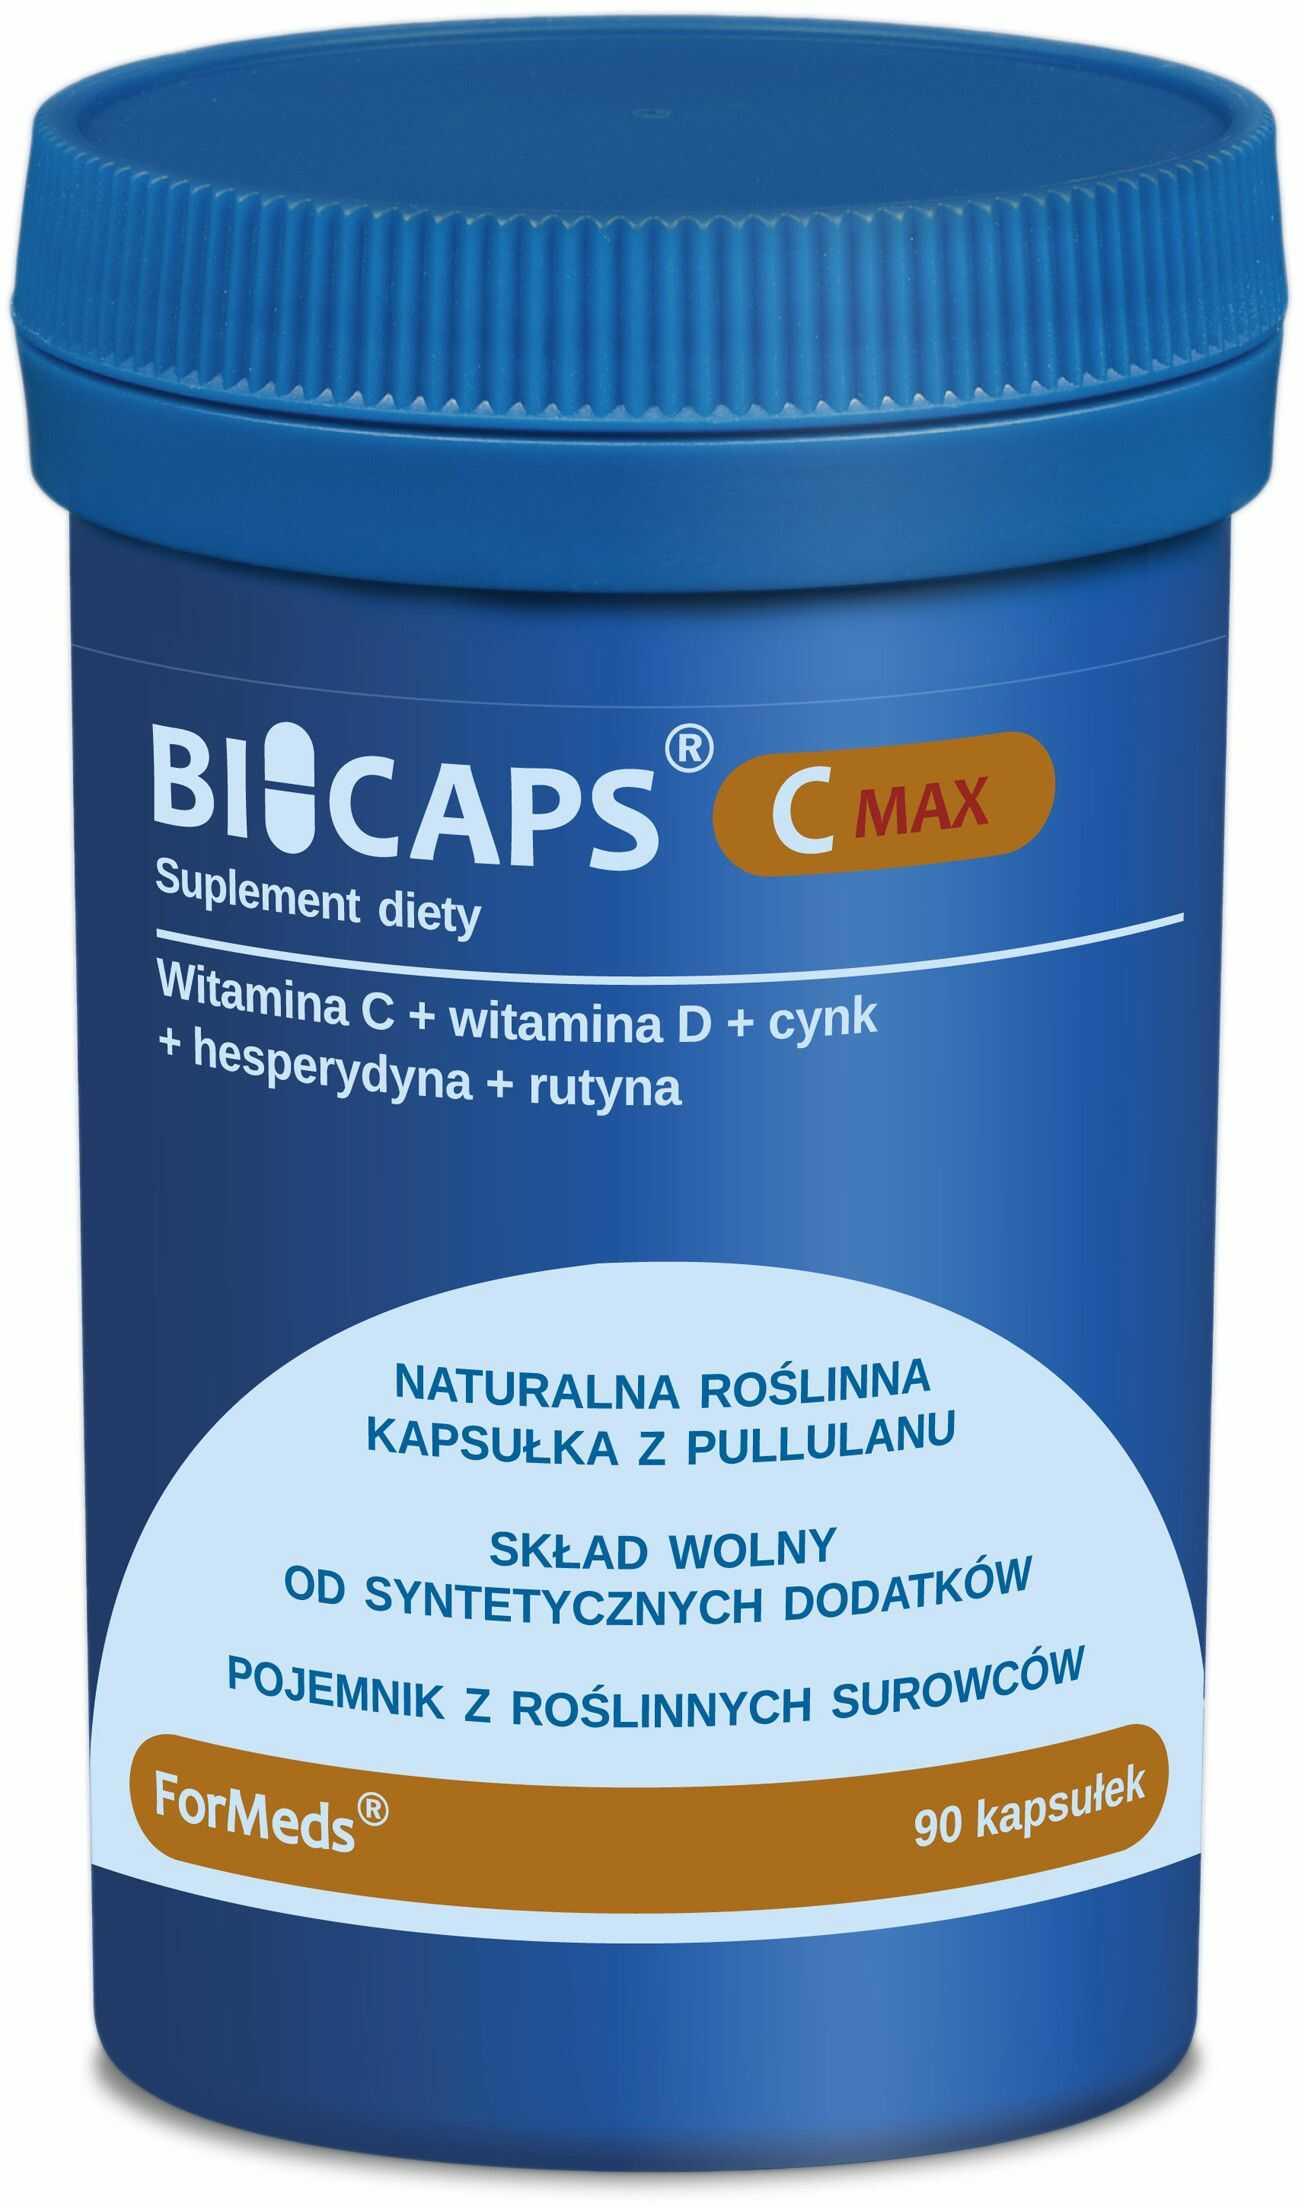 BICAPS Witamina C Max (90 kaps) Kwas L-Askorbinowy + Cynk + Witamina D3 + Rutyna + Hesperydyna ForMeds